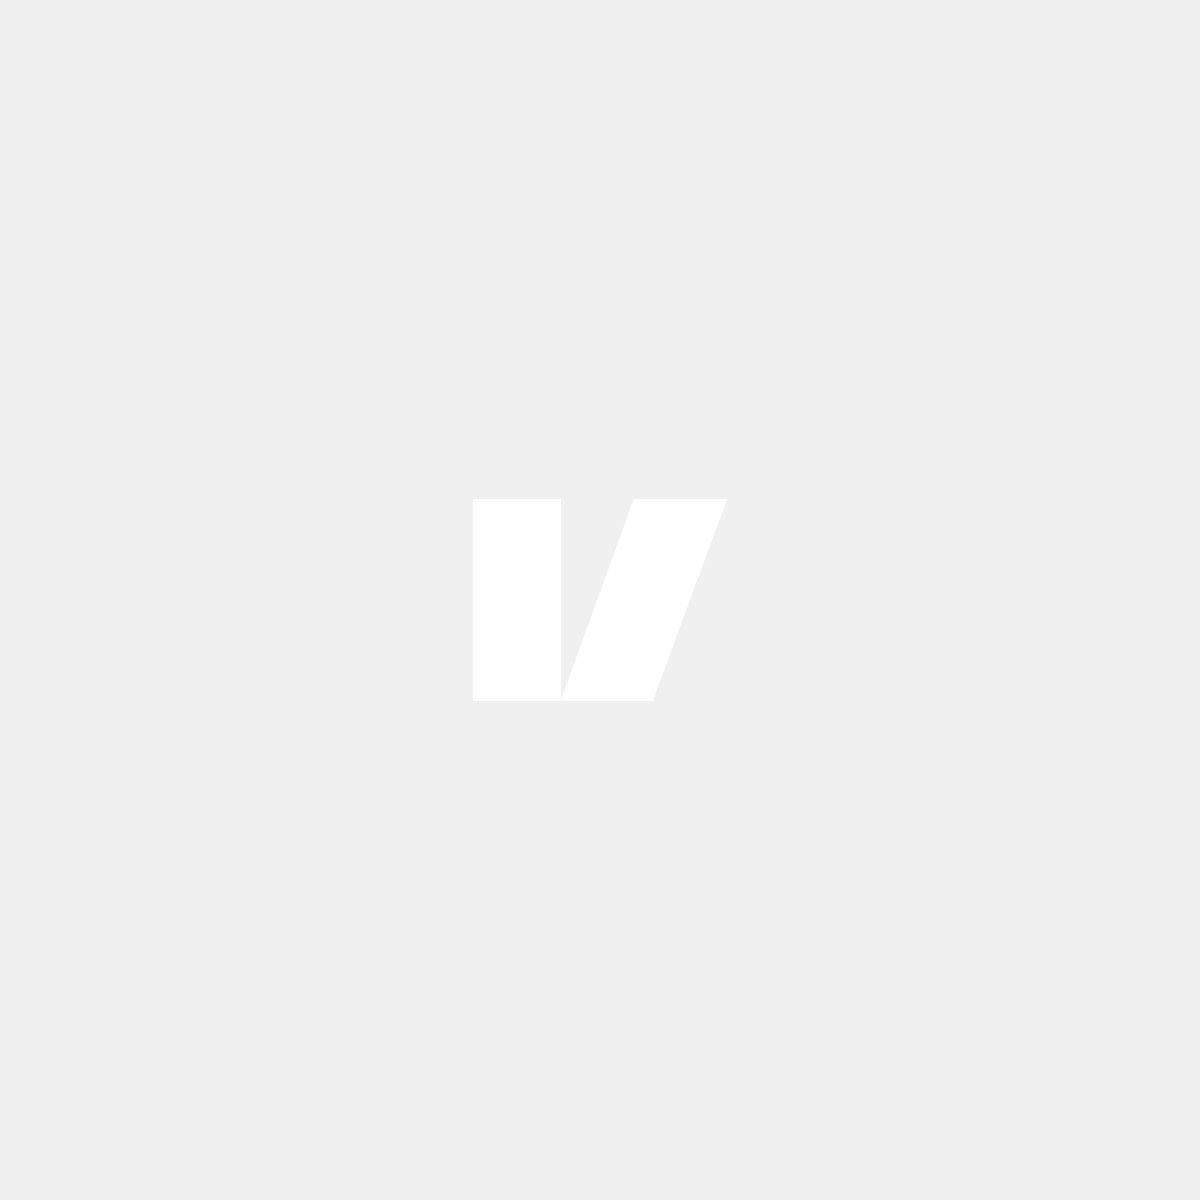 Polyuretanbussningsats till stabilisatorstag / krängningshämmare till Volvo 240, 260, 850, V70, S70, 940, 960, S90